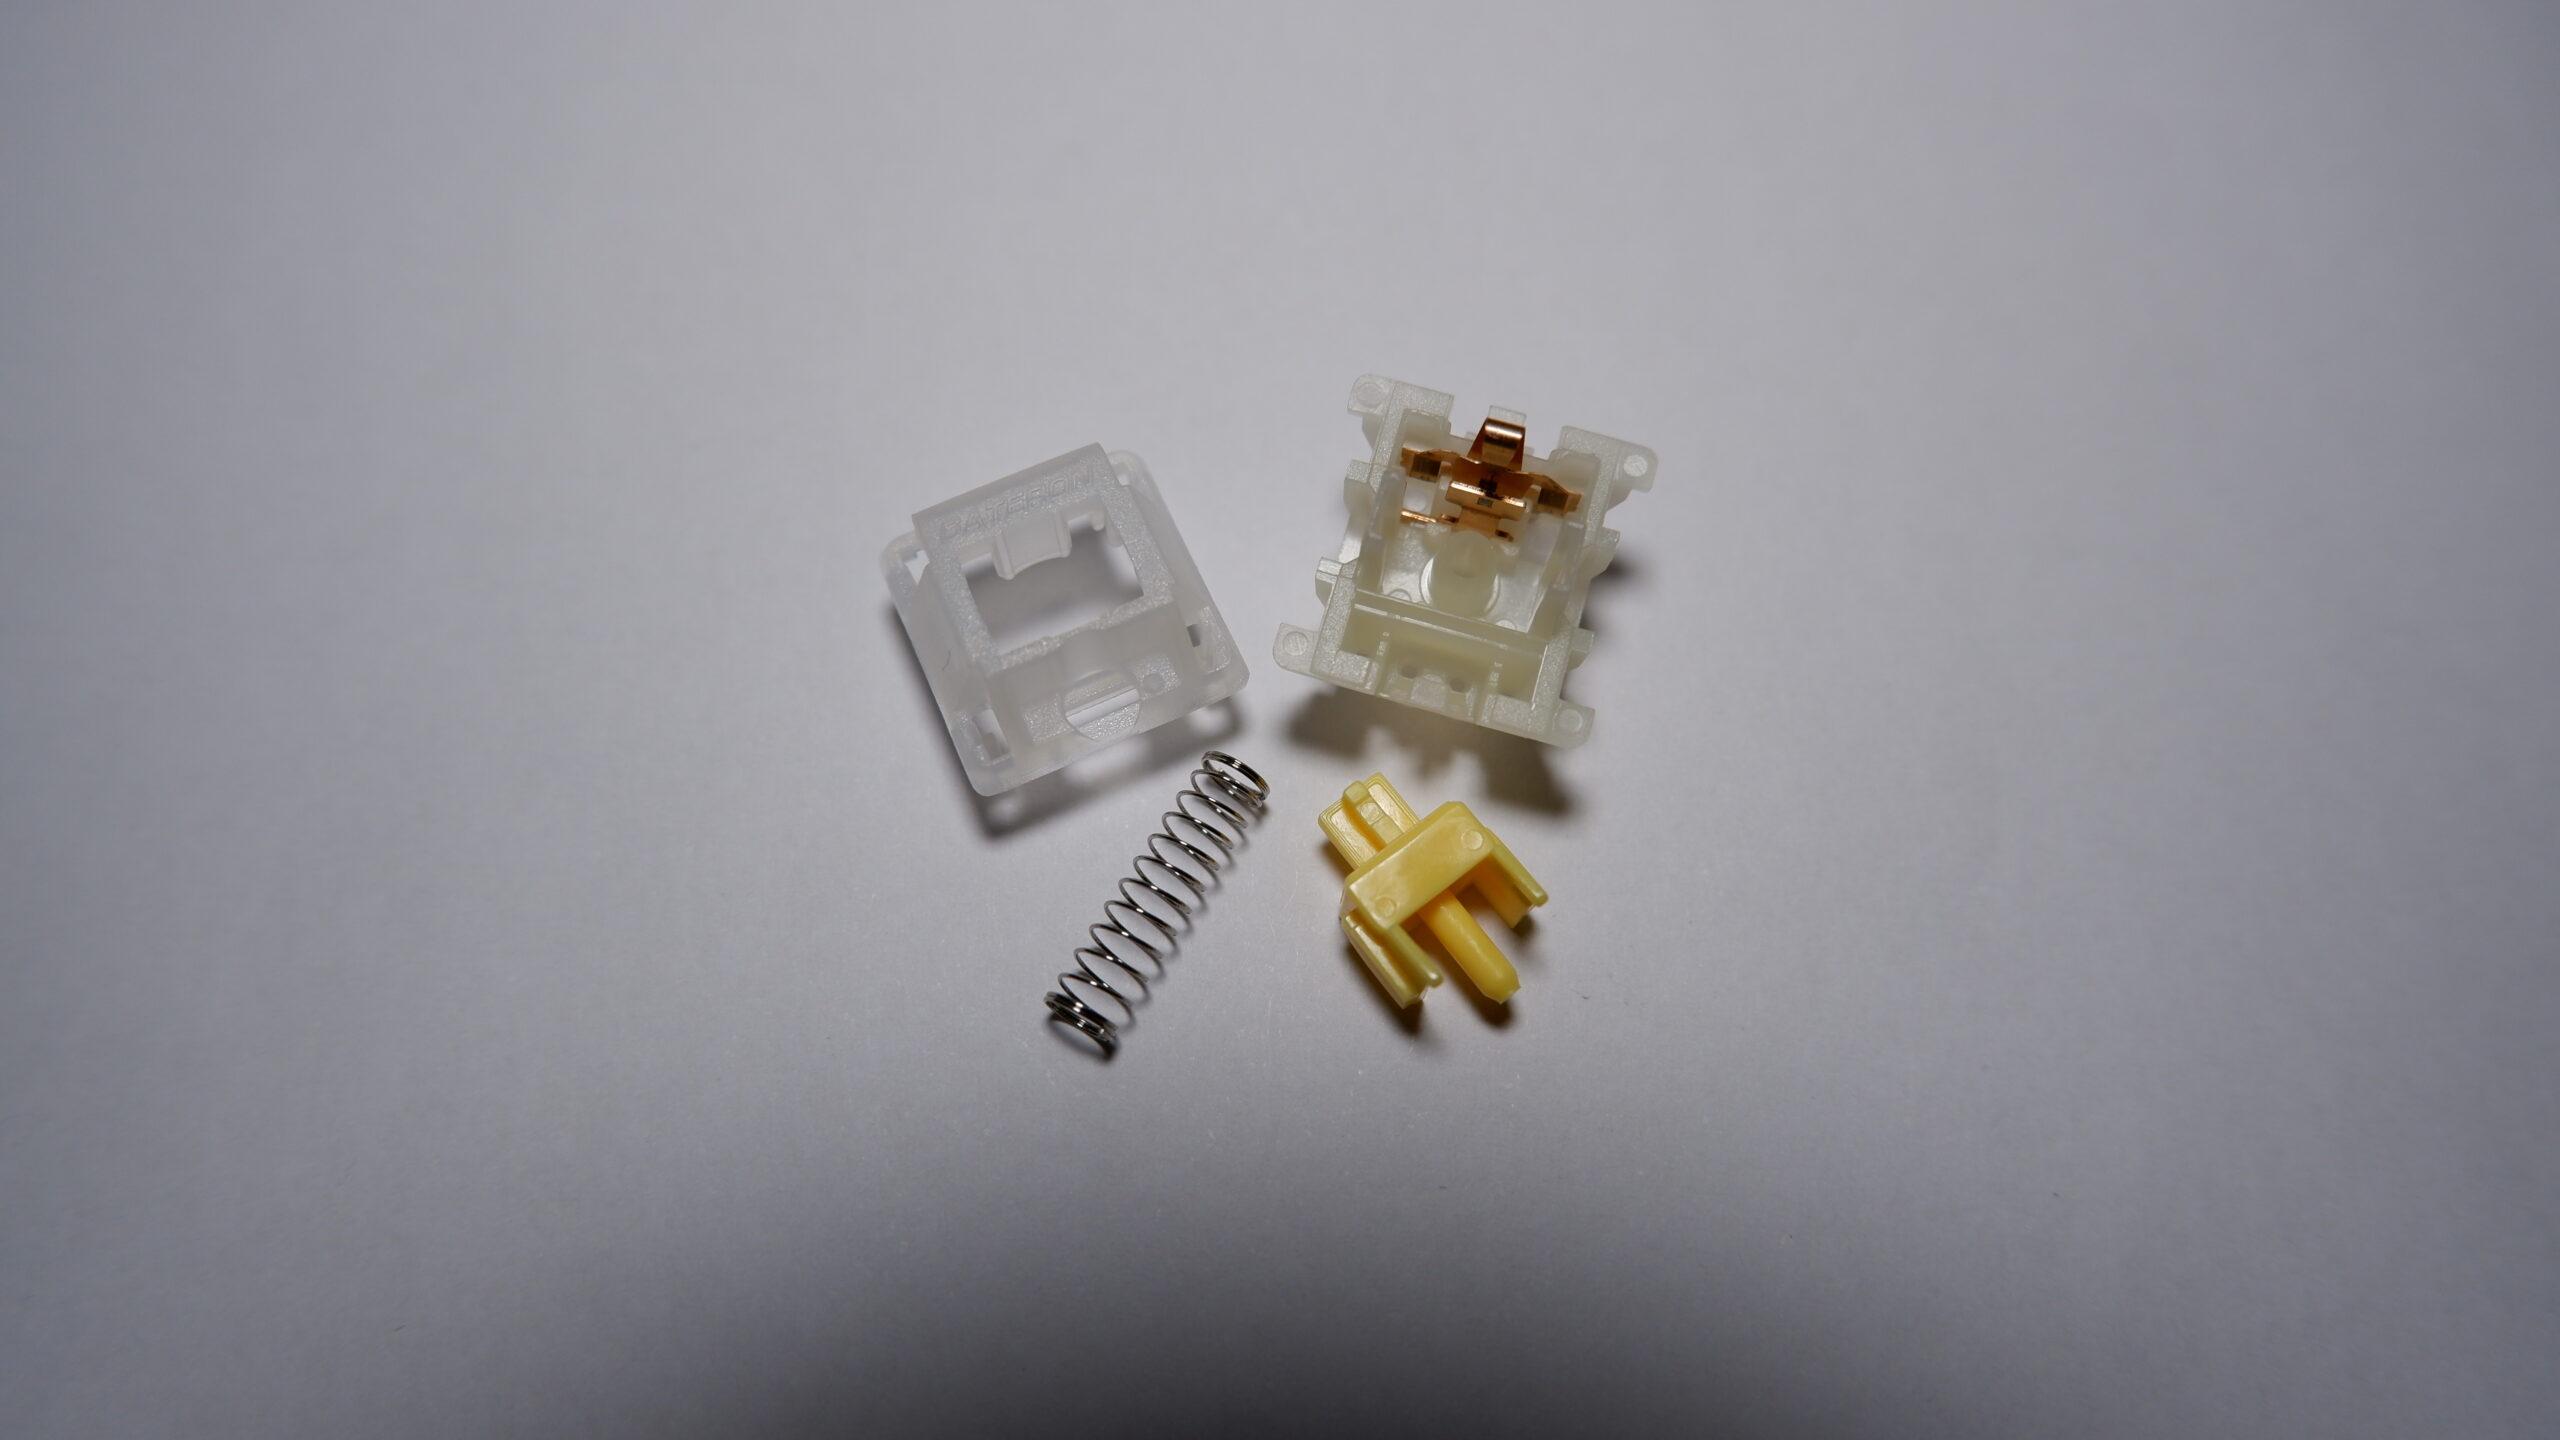 Gateron Yellow switch disassembled